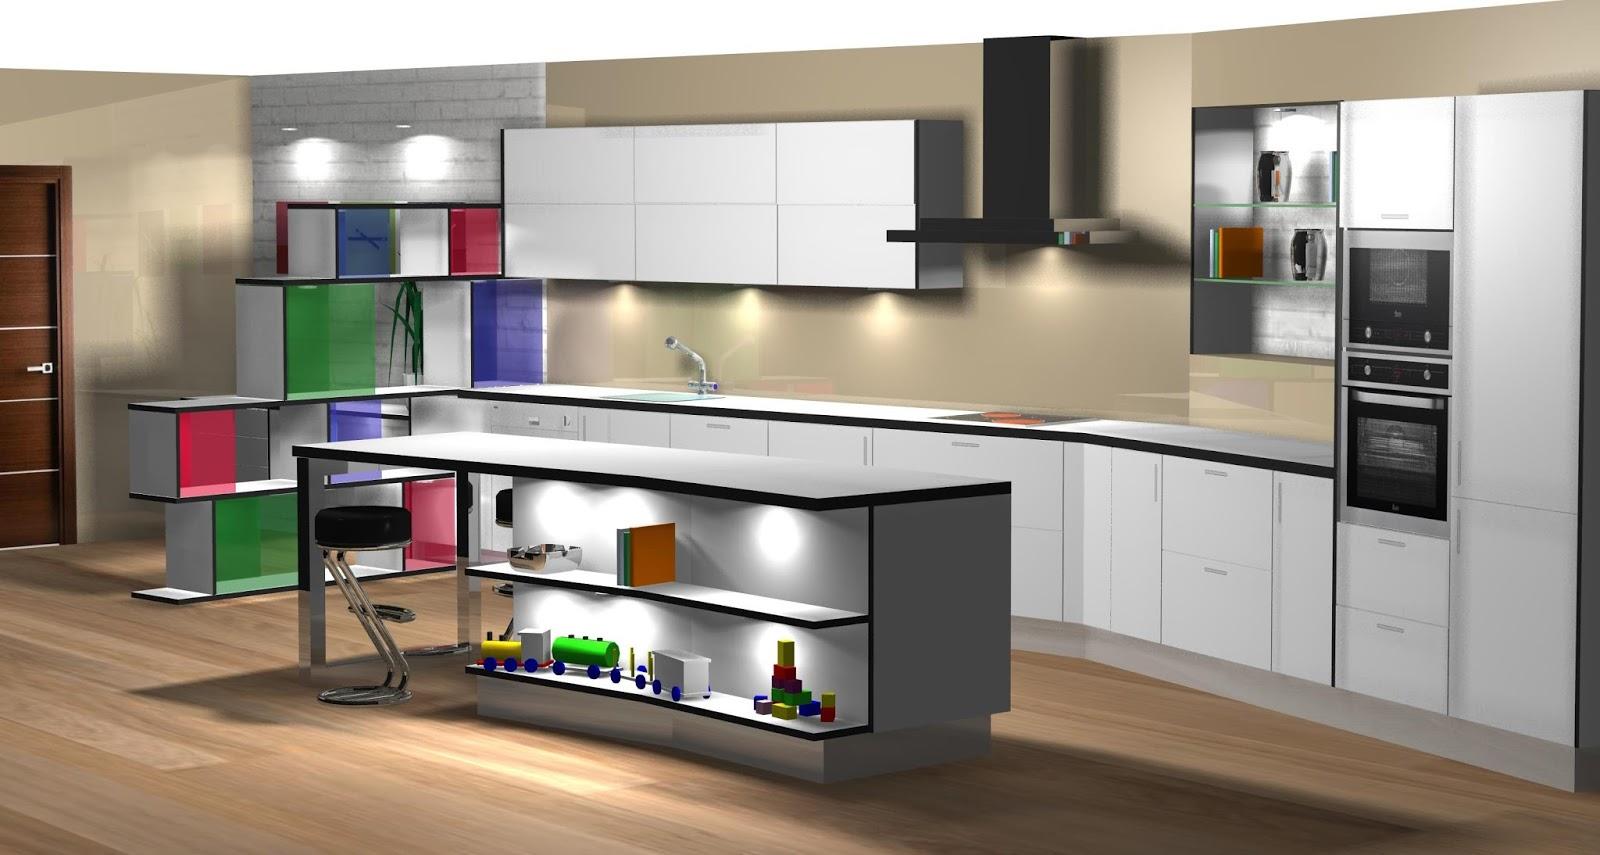 Dise o muebles de cocina dise o de cocina comedor lacado - Diseno cocinas ...